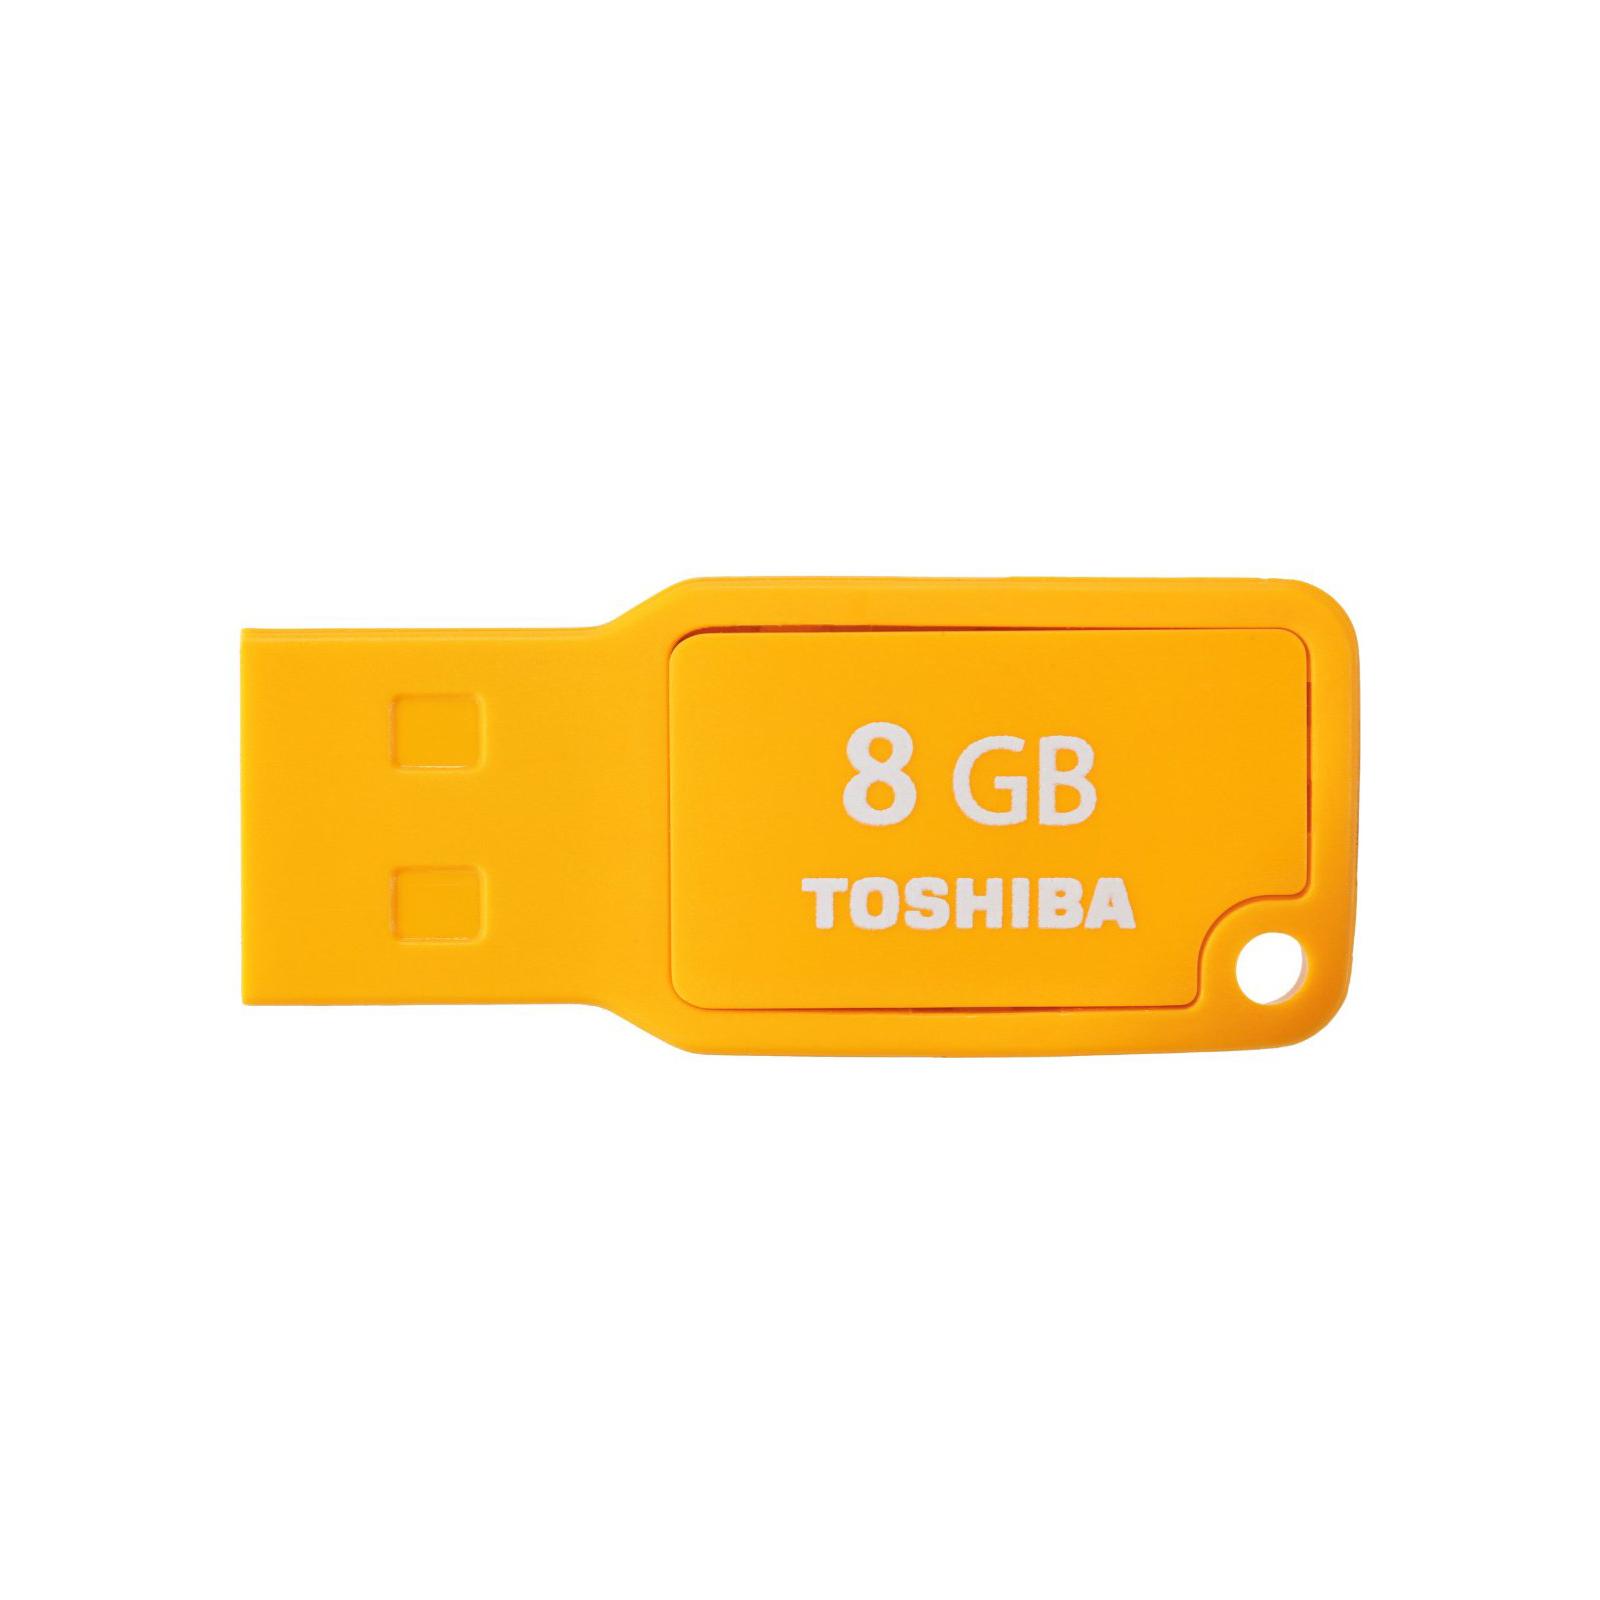 USB флеш накопитель TOSHIBA 8GB Mikawa Yellow USB 2.0 (THN-U201Y0080M4)